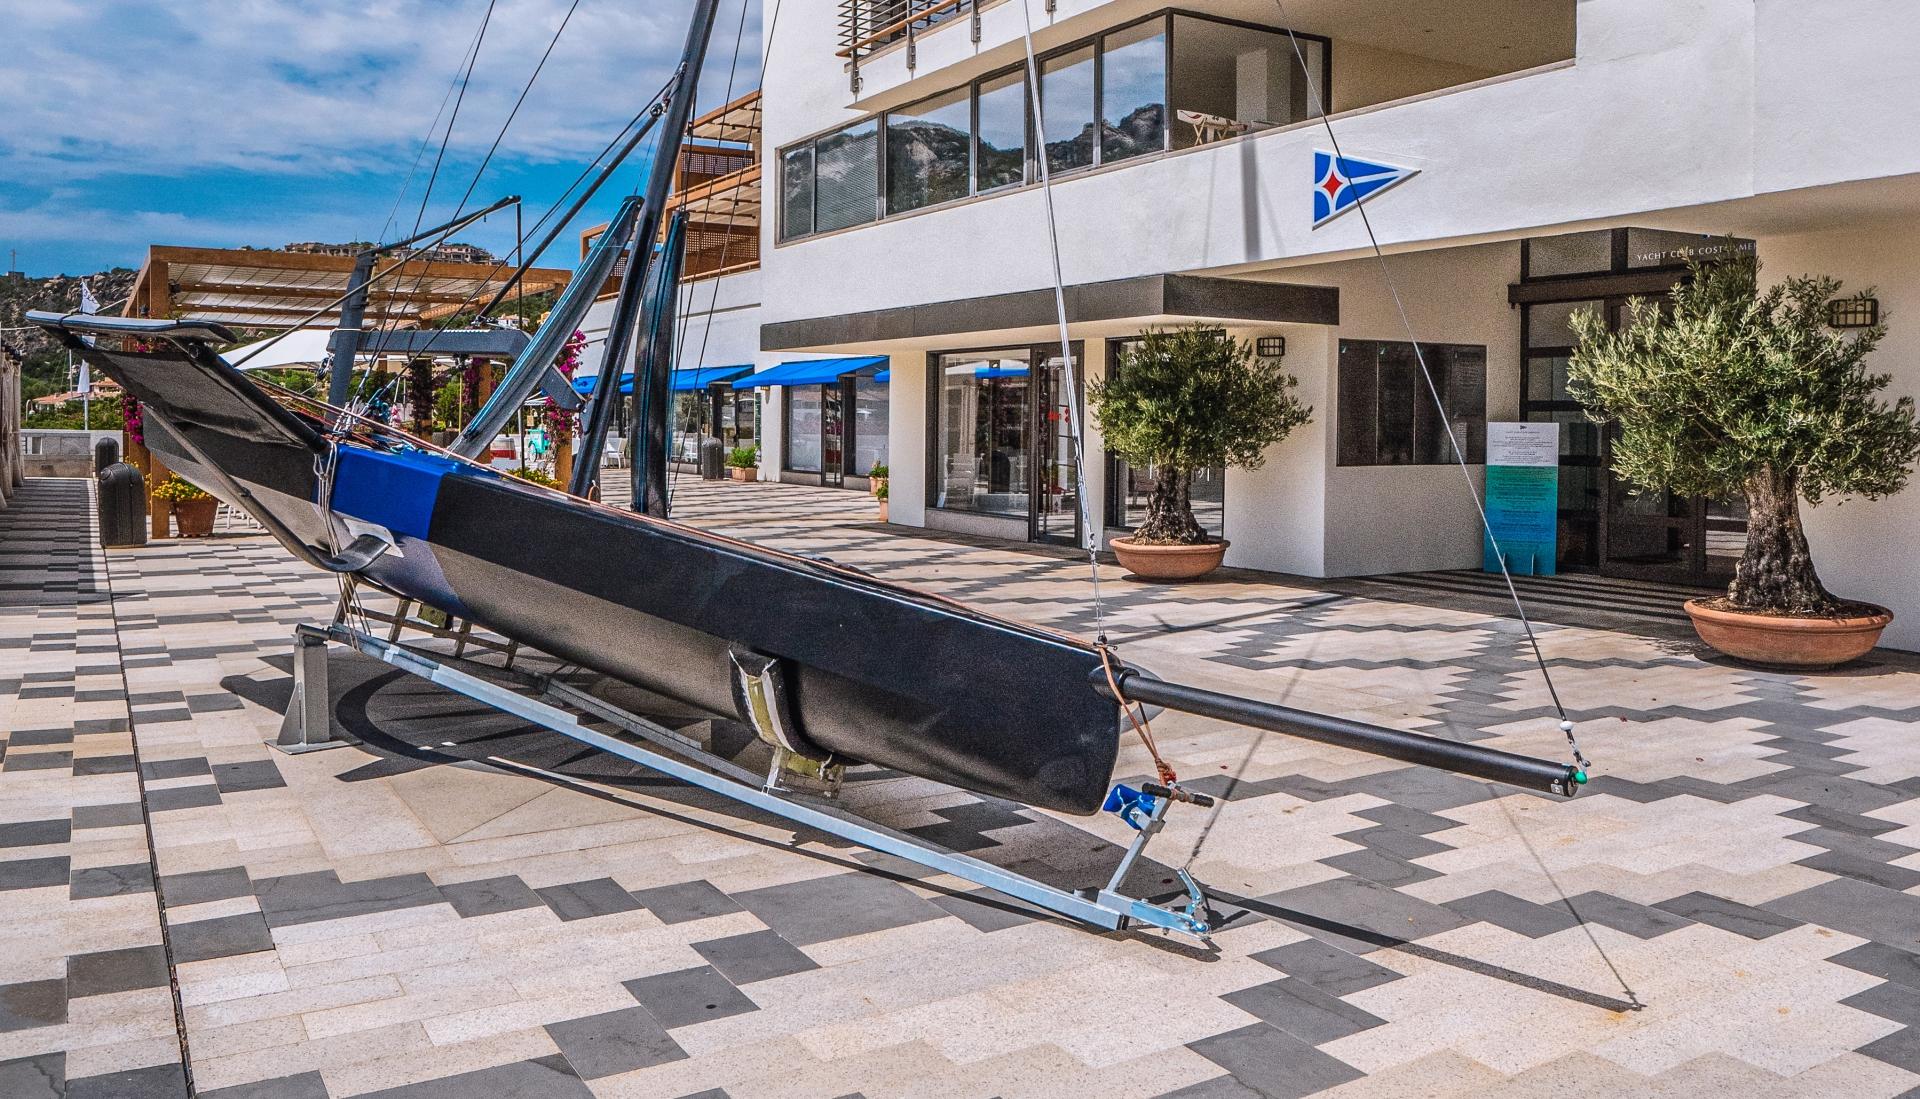 Young Azzurra alla Youth America's Cup  - NEWS - Yacht Club Costa Smeralda